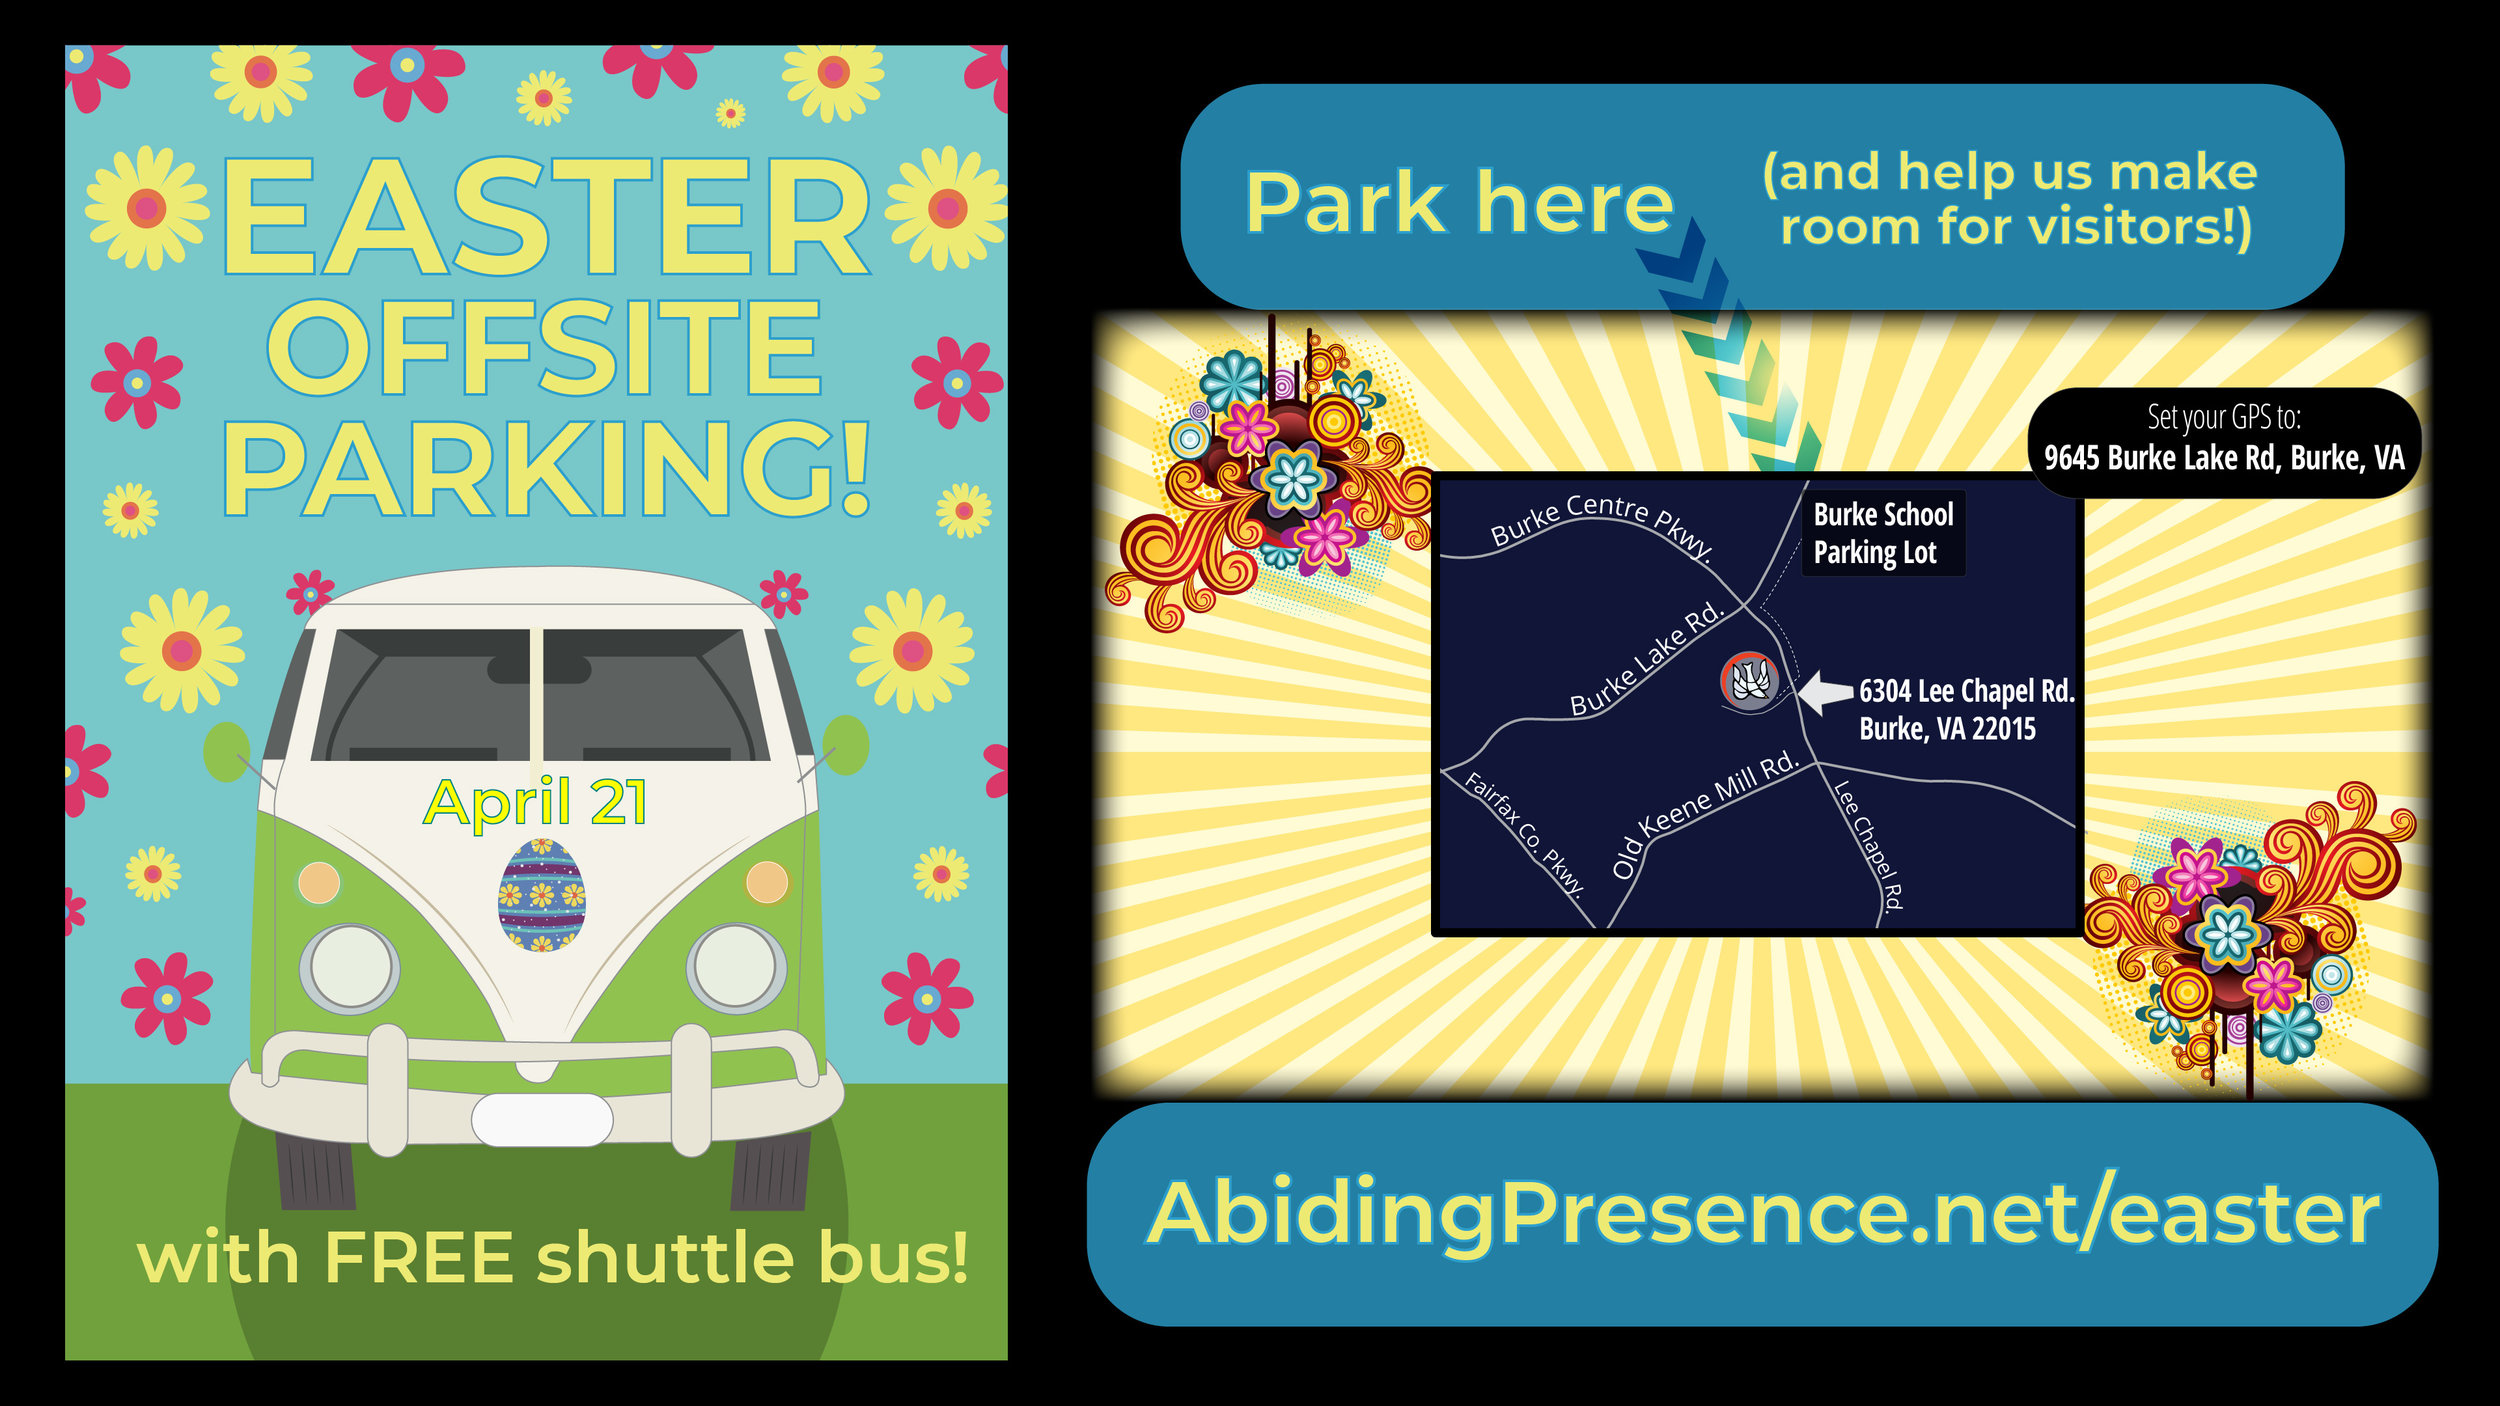 Easter Offsite Parking 2019 slide v2.jpg